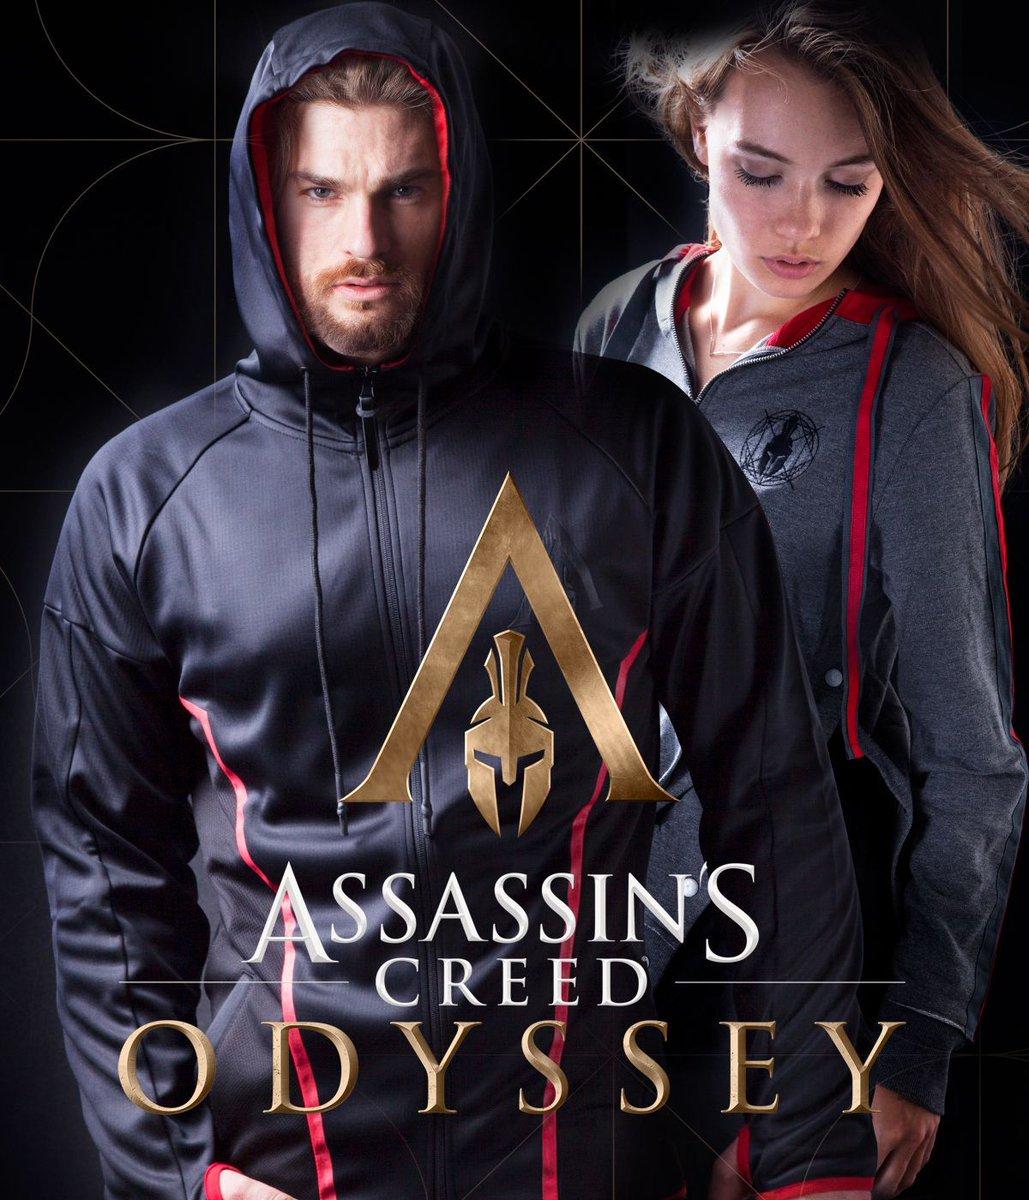 c6bb841bf8 Assassin's Creed Odyssey - Apocalyptic Warrior köpeny, kétféle férfi és női  kapucnis felső, pólók, sapkák, kulcstartók, táska - valamint egy új  aprópénznek ...